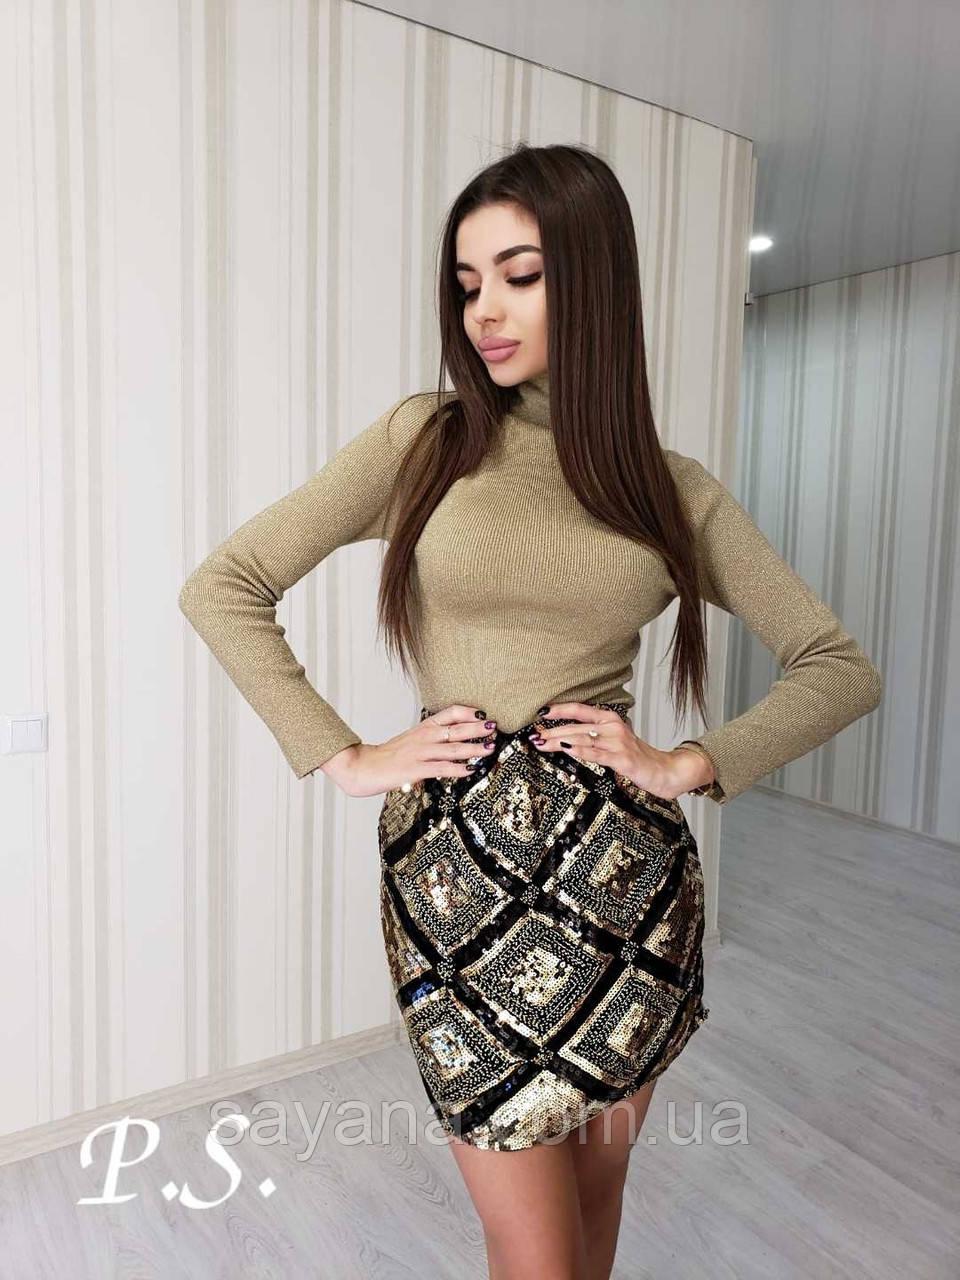 Женская нереально красивая юбка в моделях. ЮП-8-1219